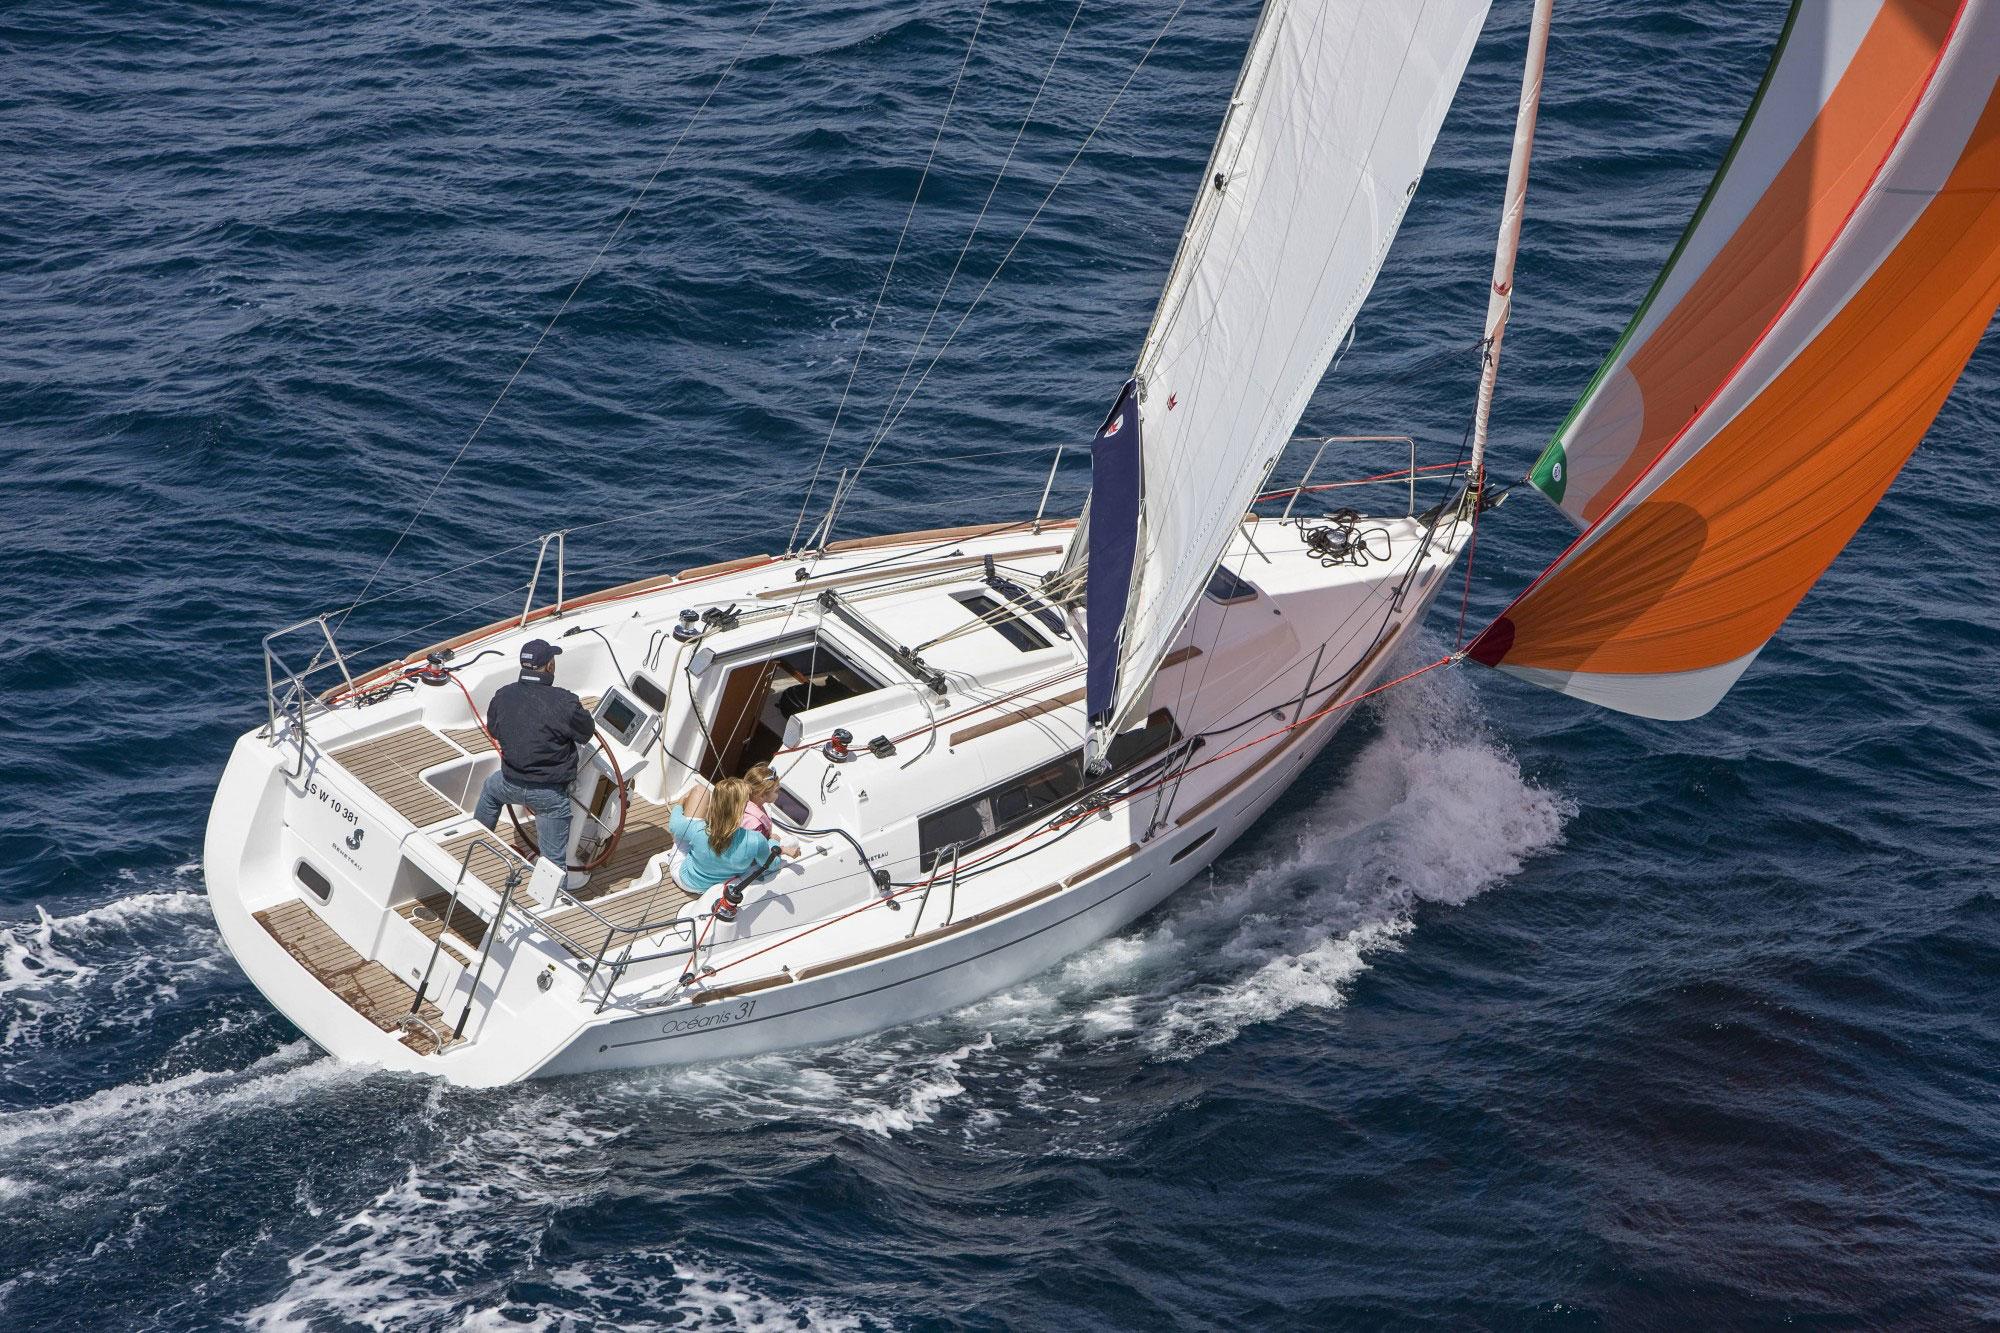 Large boat image